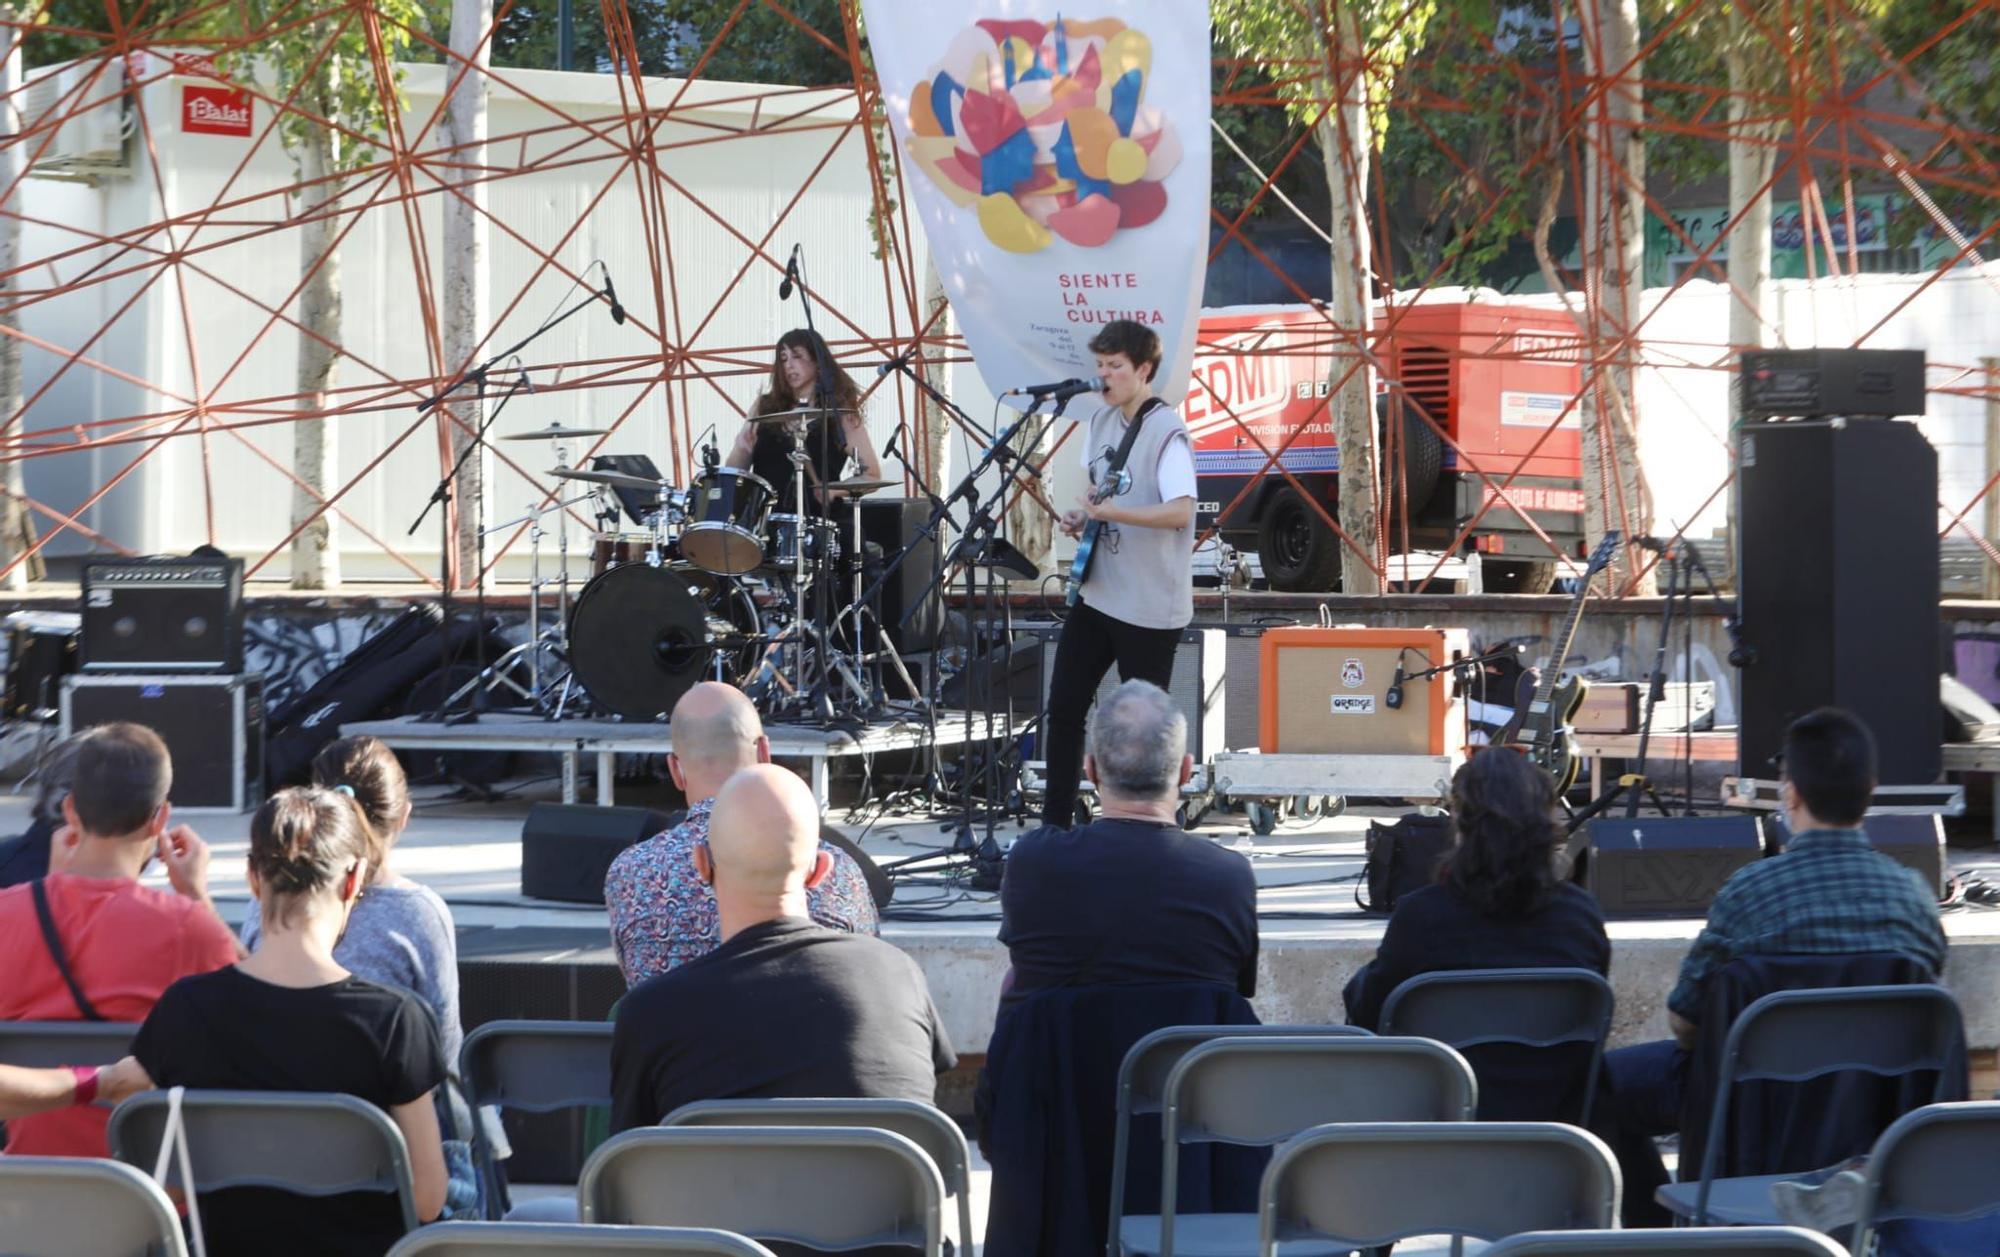 Las mejores imágenes del concierto de Biznaga y Lady Banana en las fiestas del Pilar